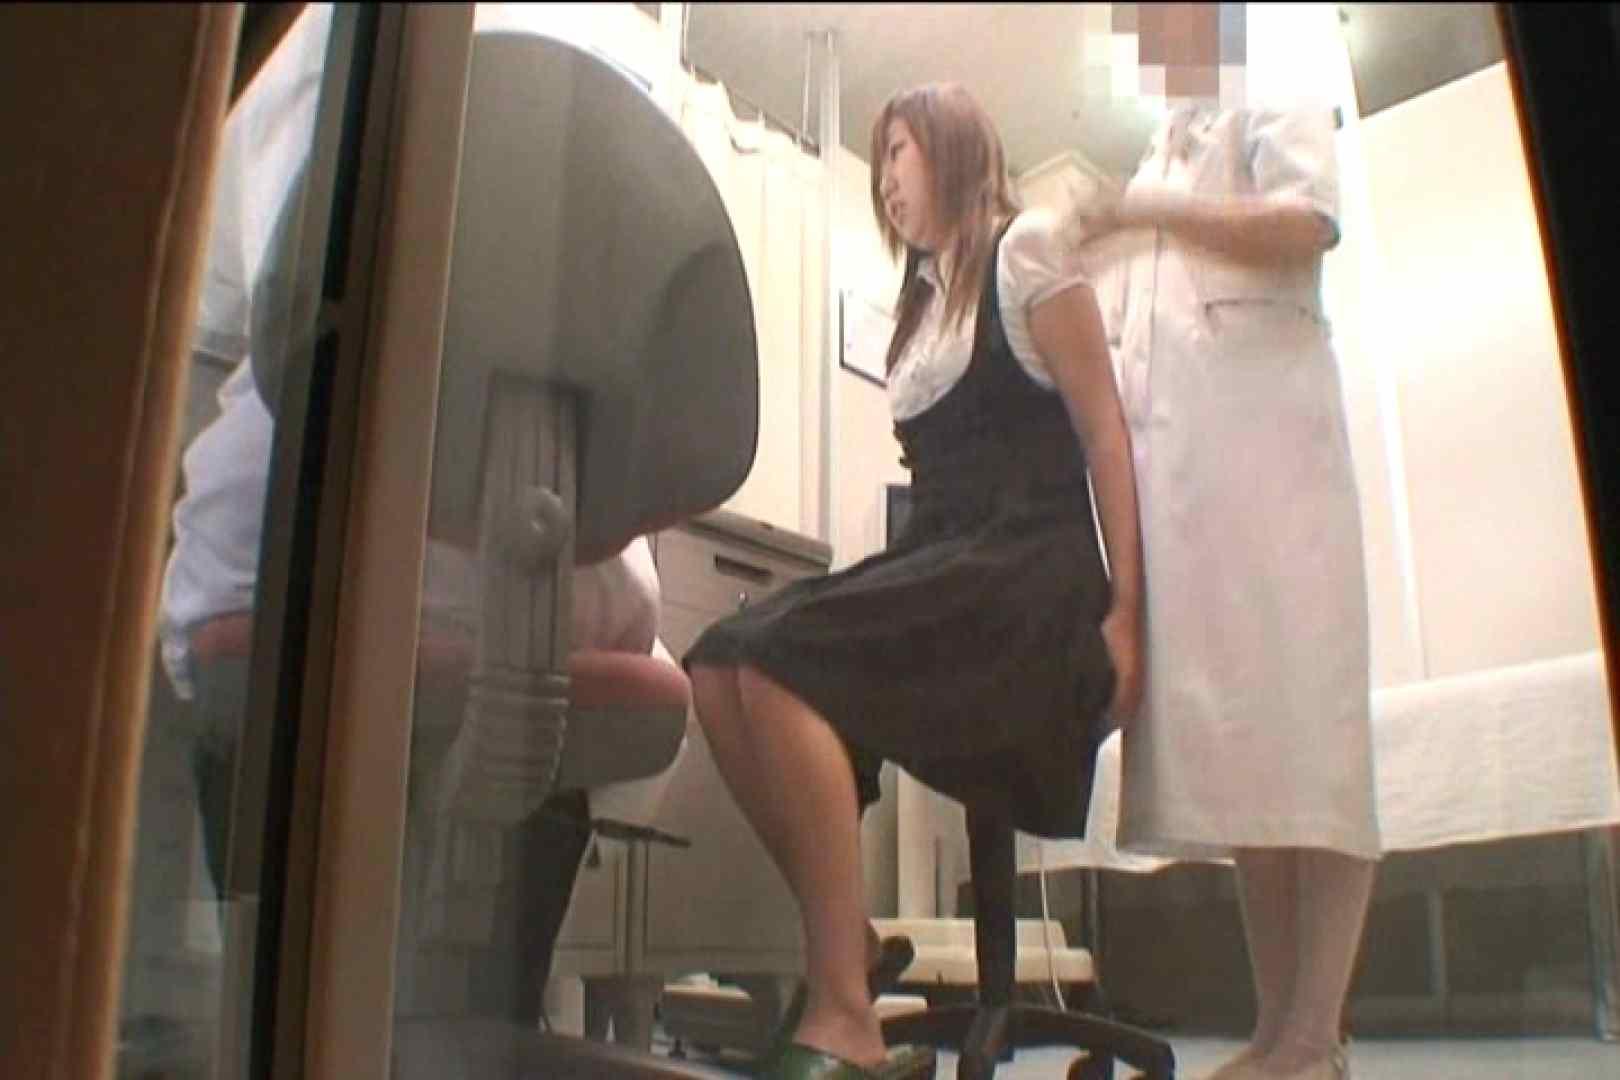 患者のおまんこをコレクションする変態医師の流出映像Vol.1 OLエロ画像  45PICs 3